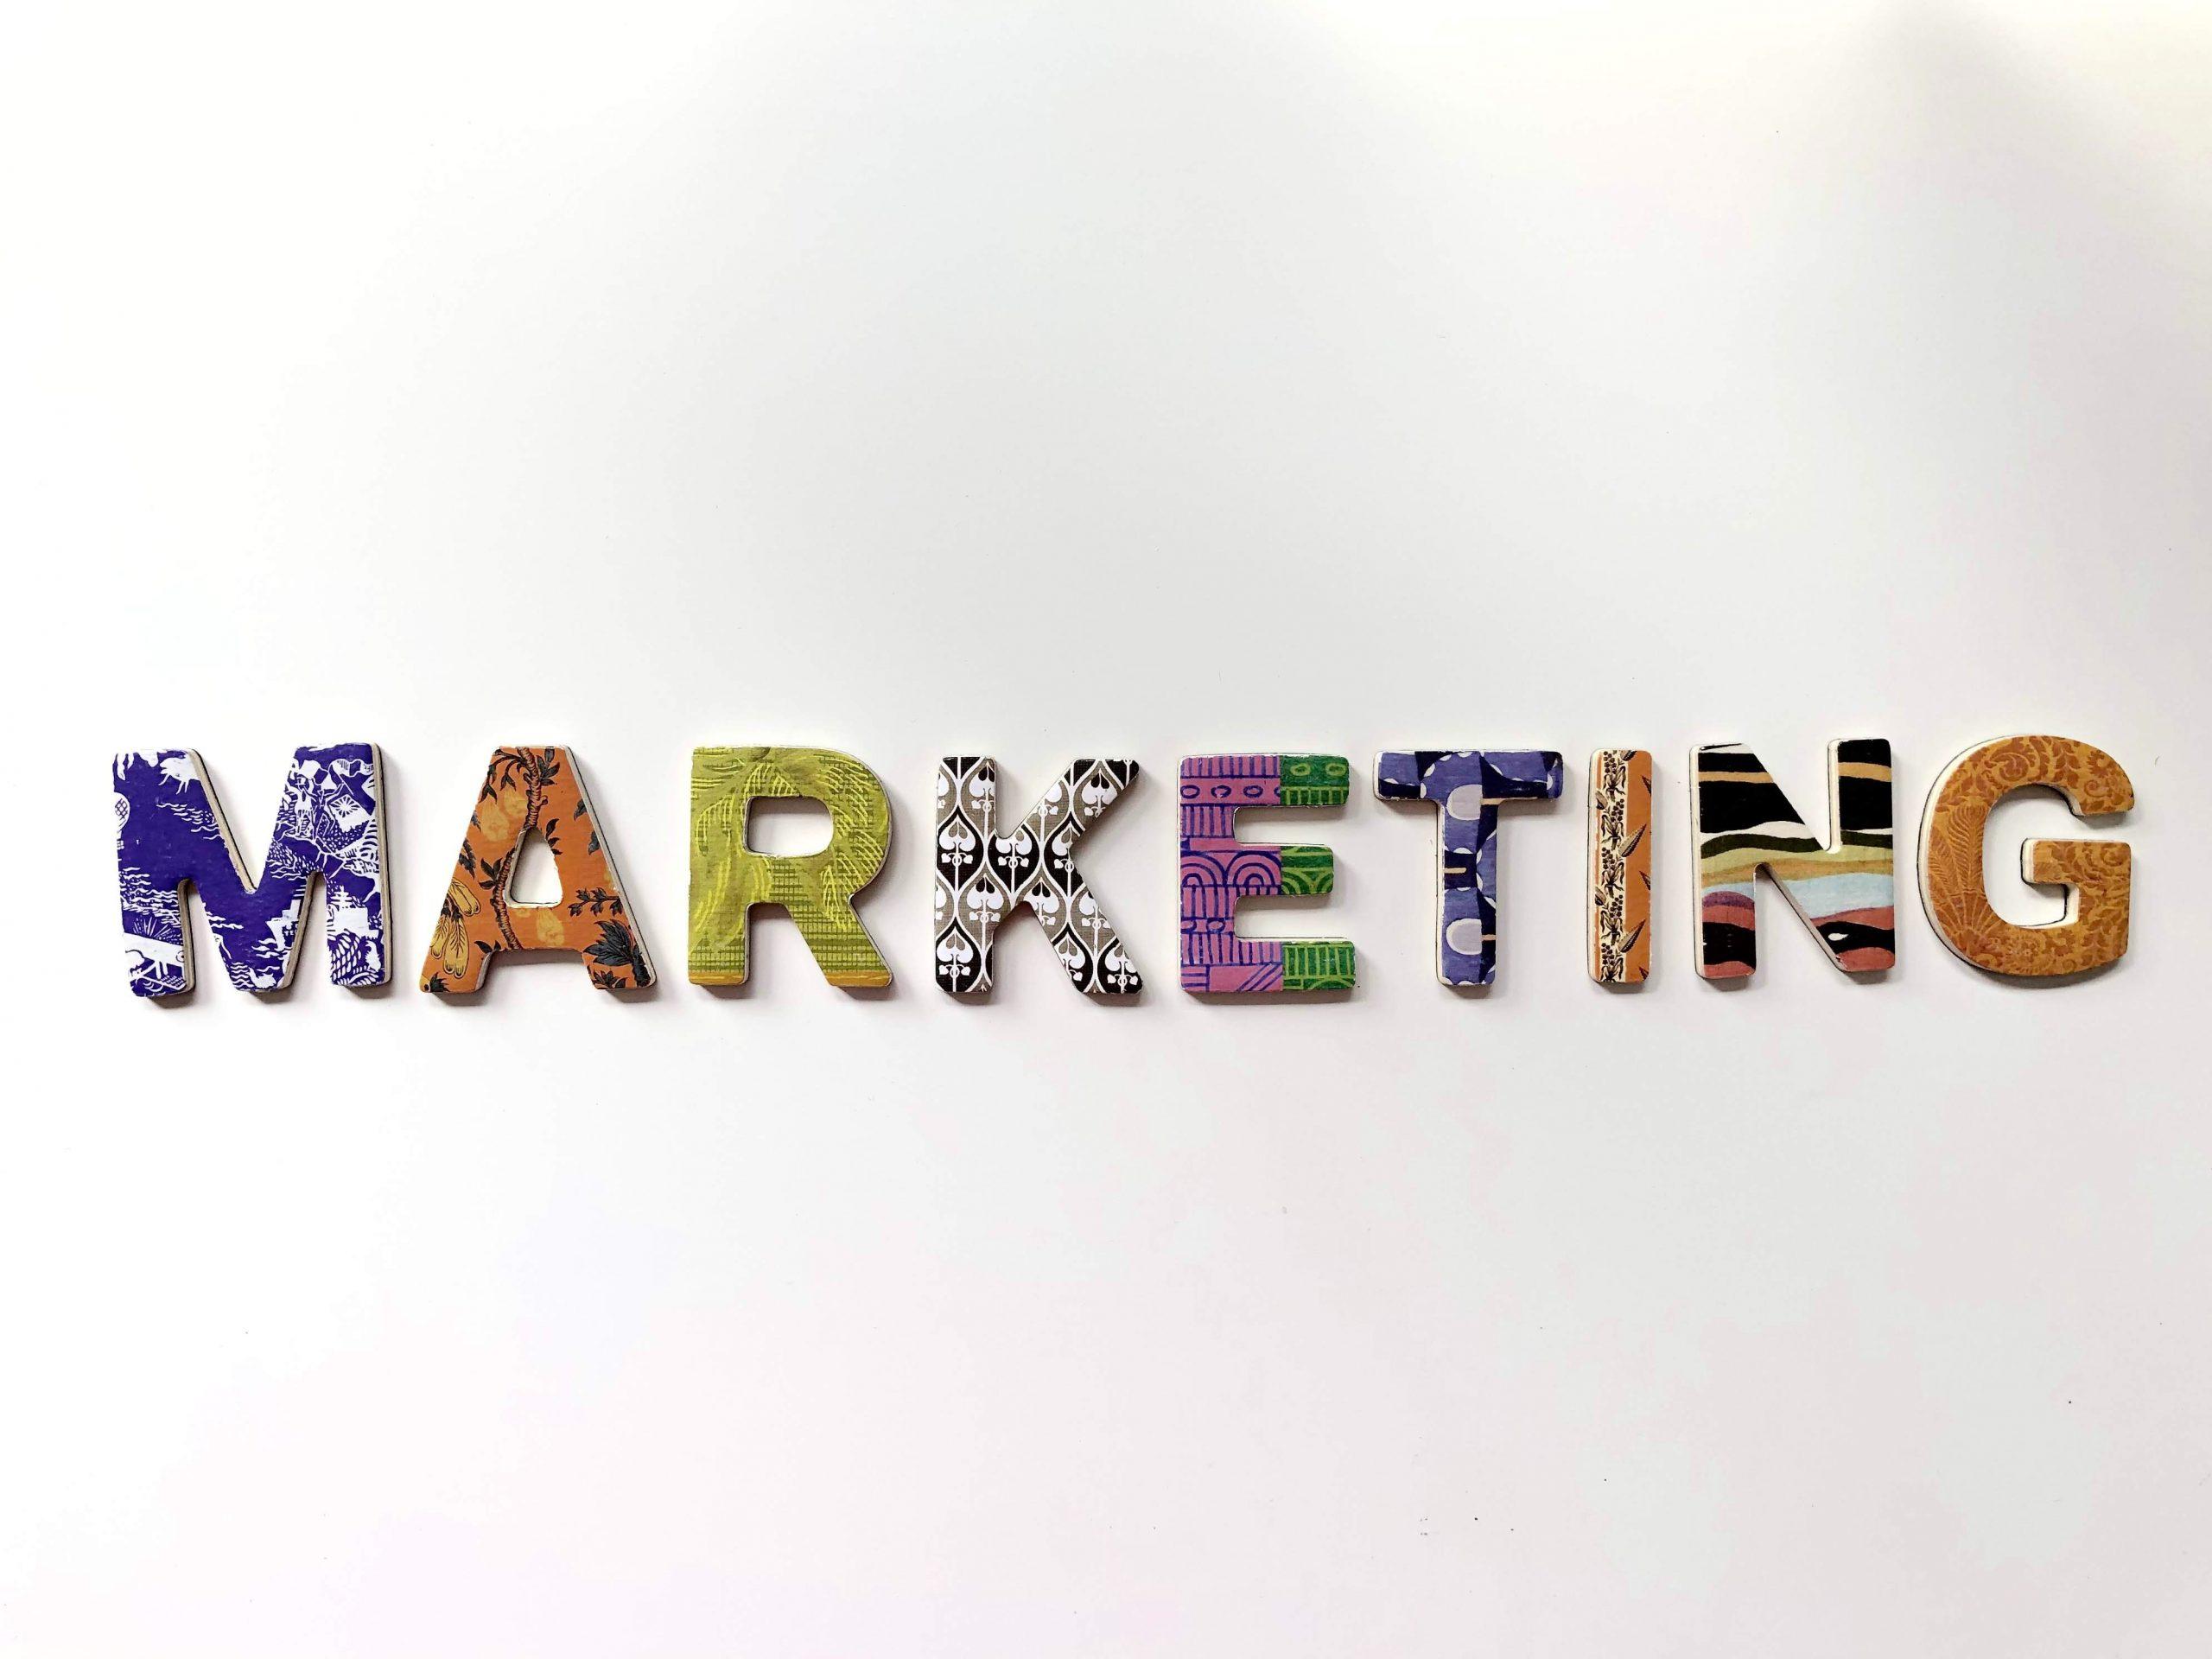 بهترین استراتژی¬های آینده بازاریابی هنوز به ارتباط با مشتریان بستگی دارد.